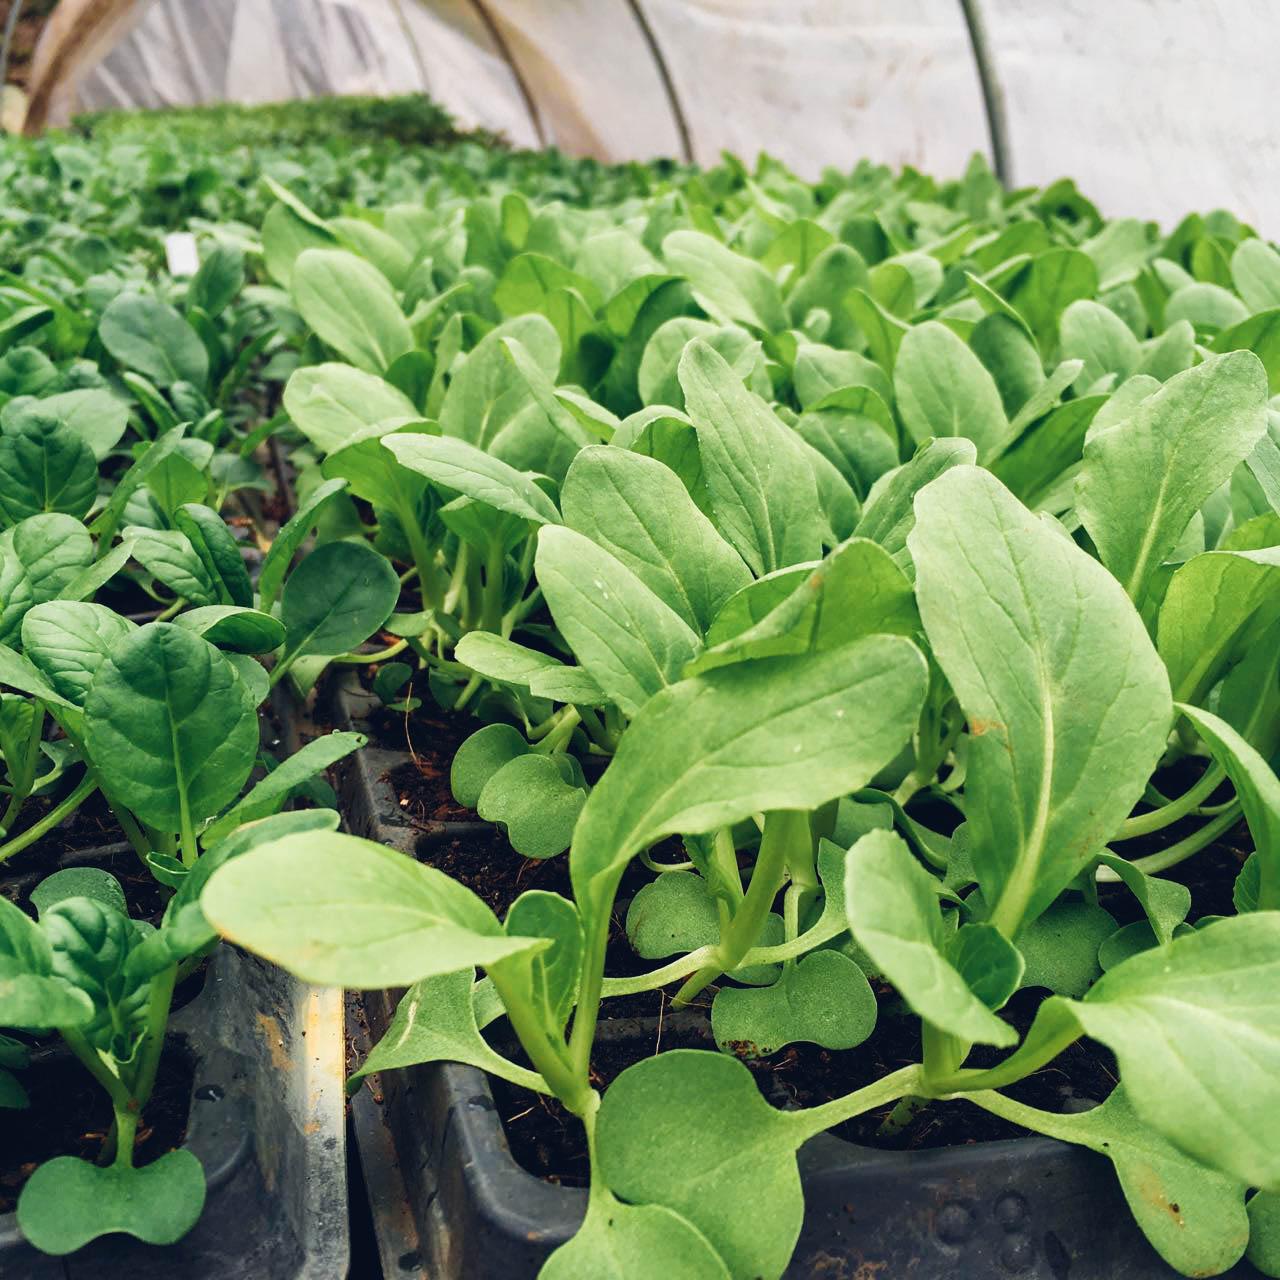 POTTING MIXES - PRECISION MIXES YOUR PLANTS DEMAND